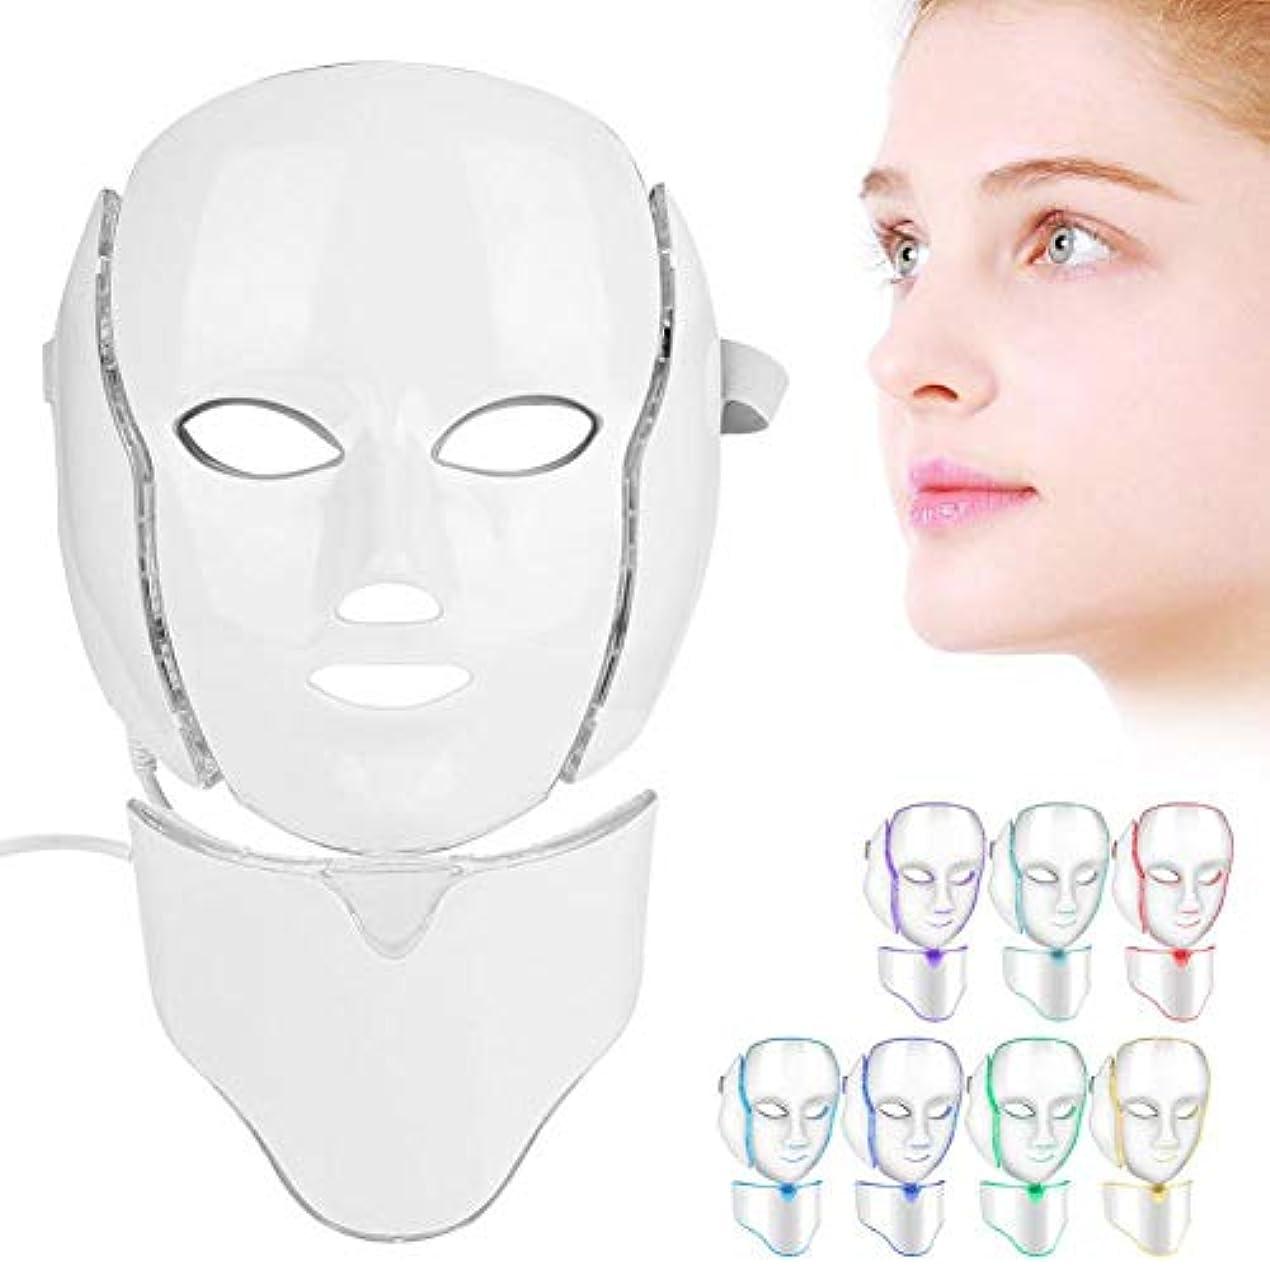 委員会財政適合しました首、軽い皮の若返り療法の顔のスキンケアのマスクが付いているLED 7色の軽い療法のマスク